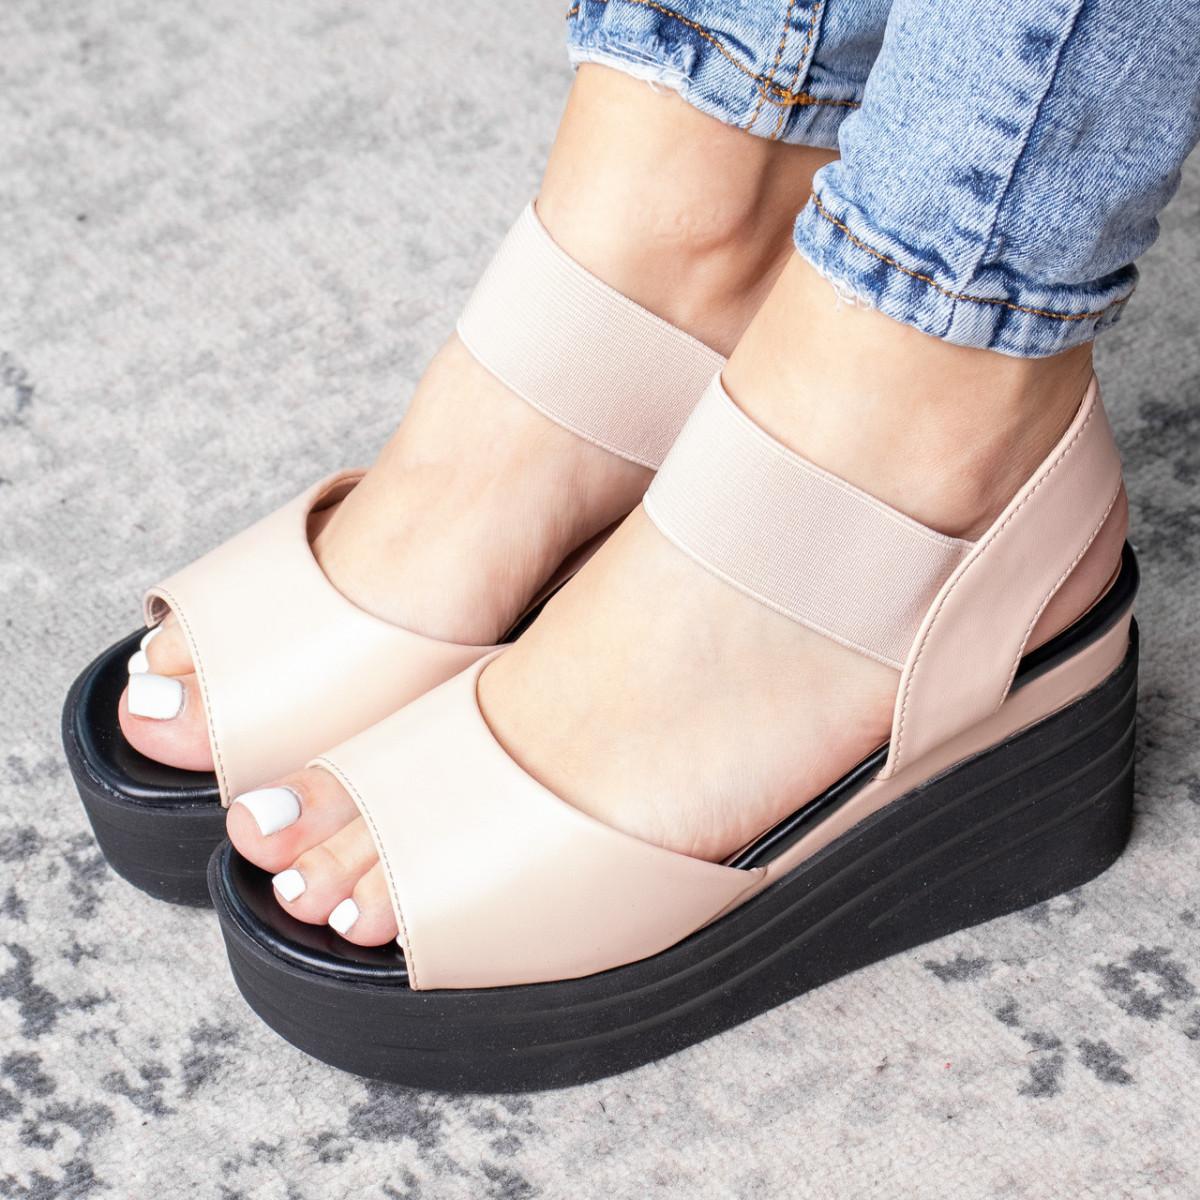 Жіночі сандалі Fashion Batista 3082 36 розмір 23 см Бежевий